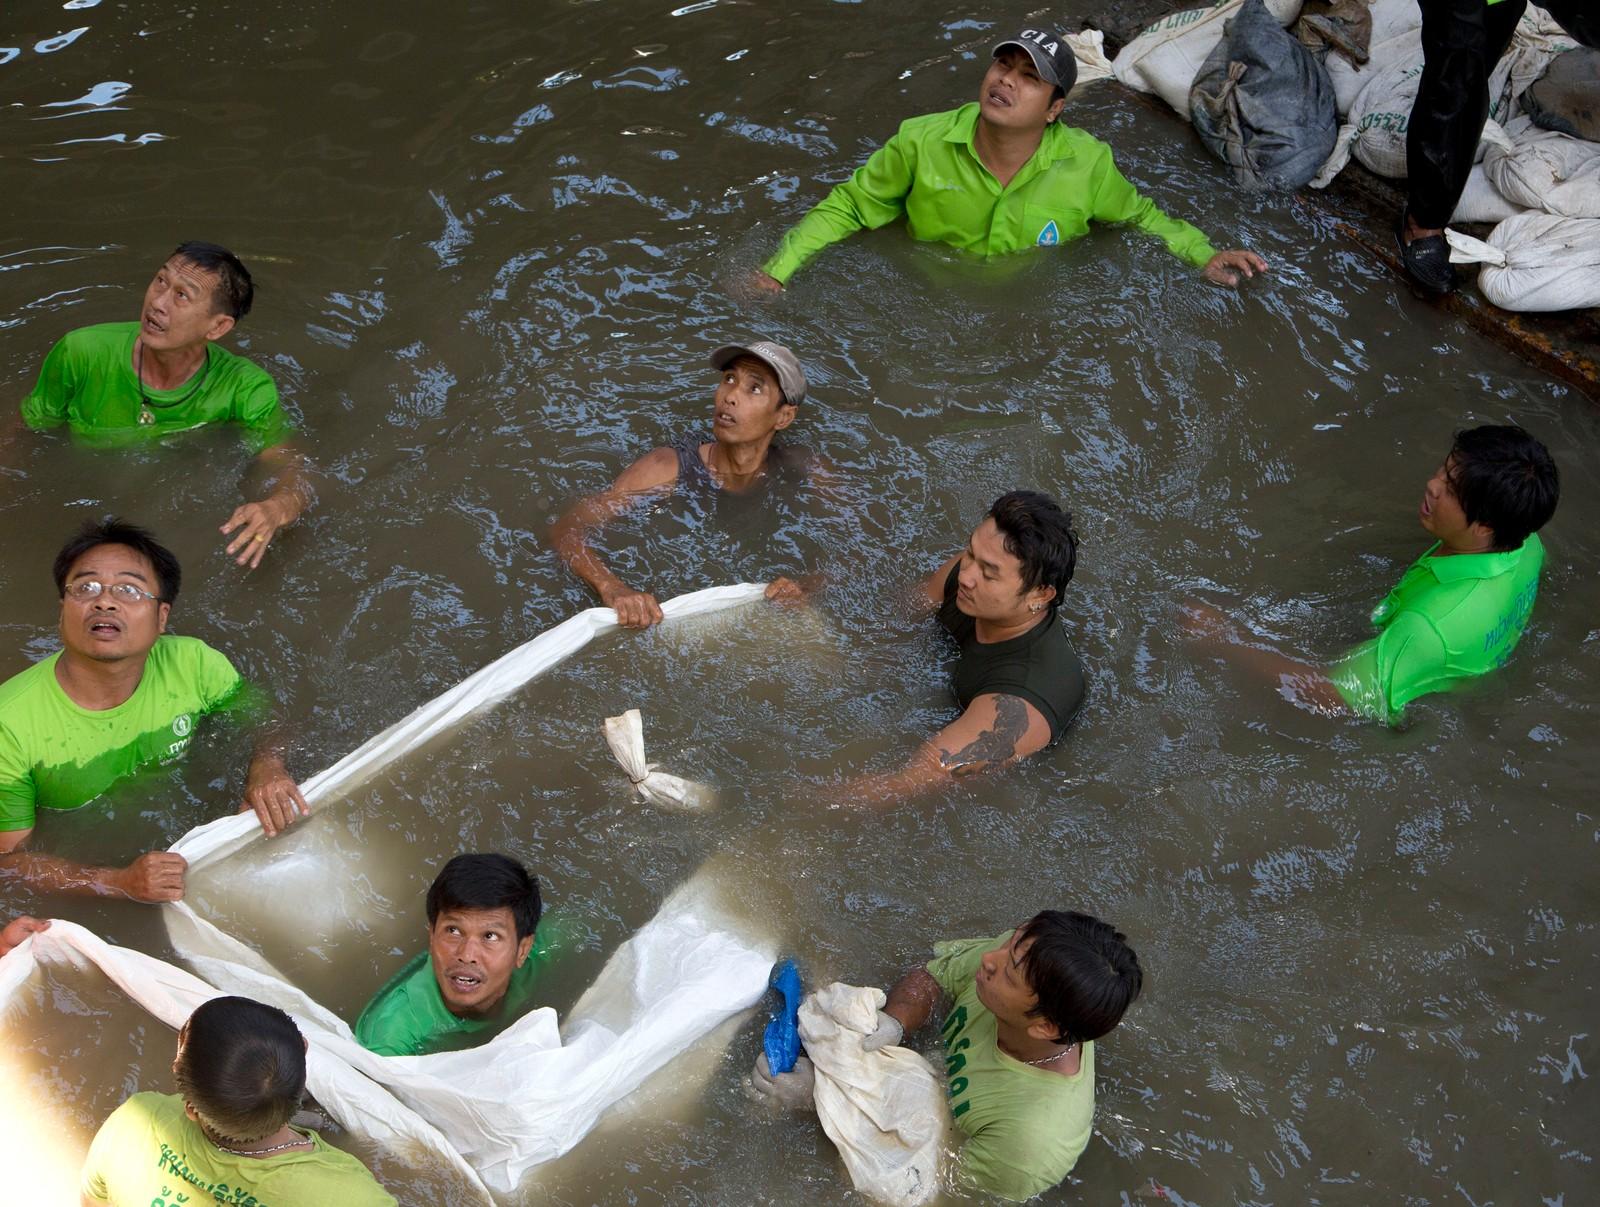 Disse arbeiderne forsøker å forsegle rester av en bombe som ble kasta i en kanal i Bangkok denne uka.